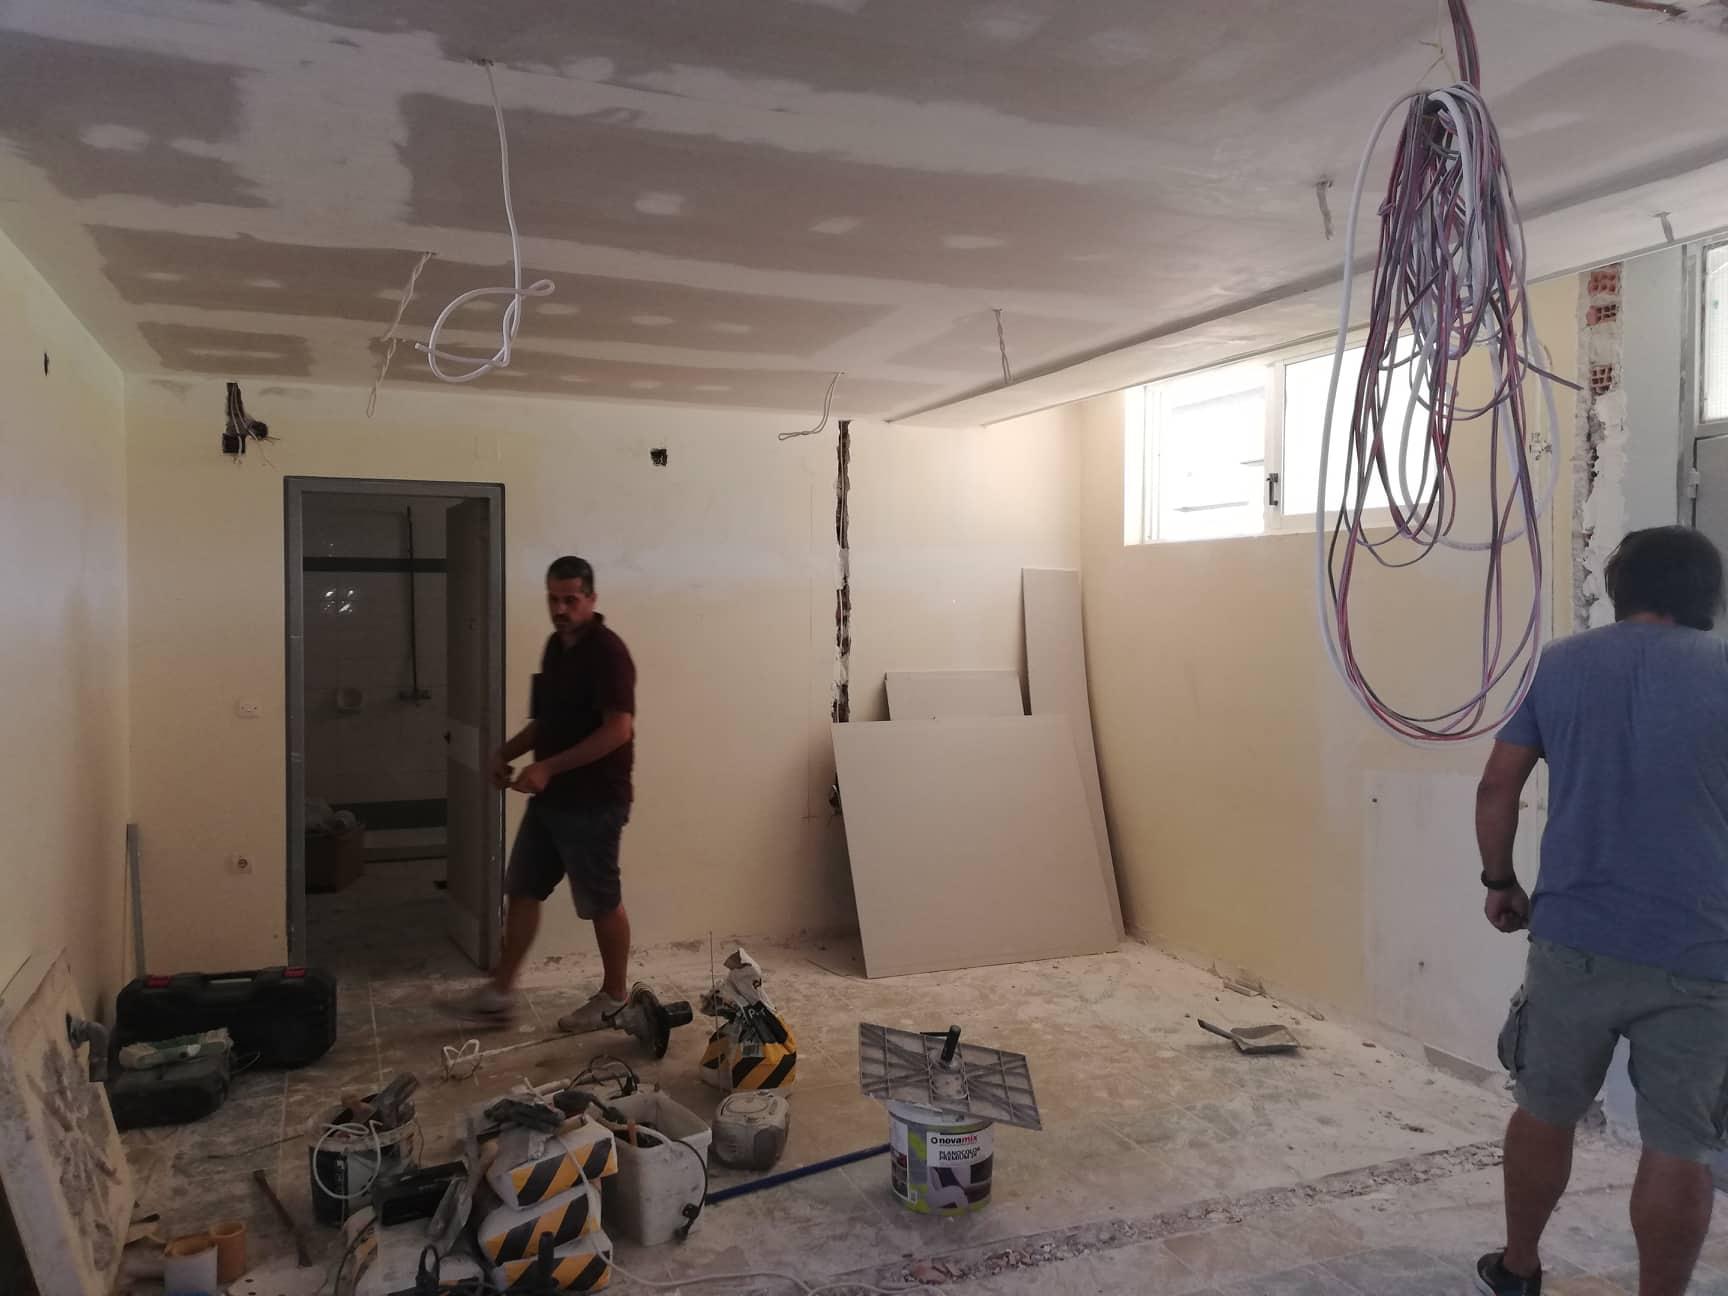 Προχωρούν με εντατικούς ρυθμούς τα έργα στο Δημοτικό Στάδιο Καλαμάτας (photos)